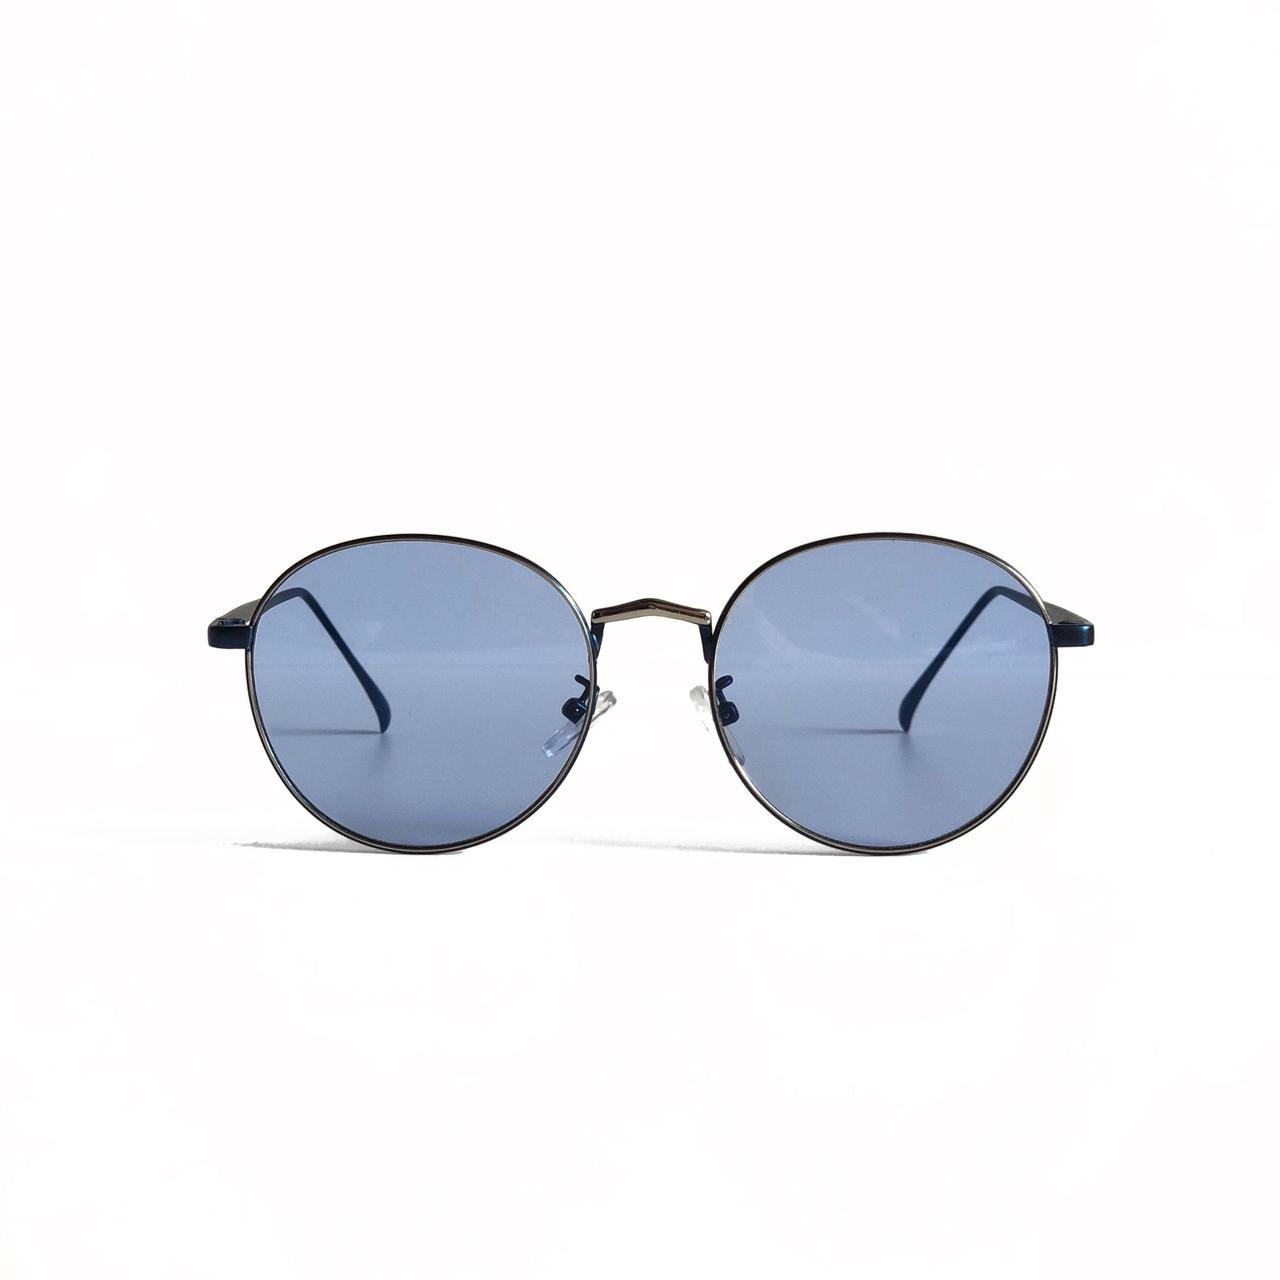 Женские круглые солнцезащитные очки в синей оправе с голубыми линзами